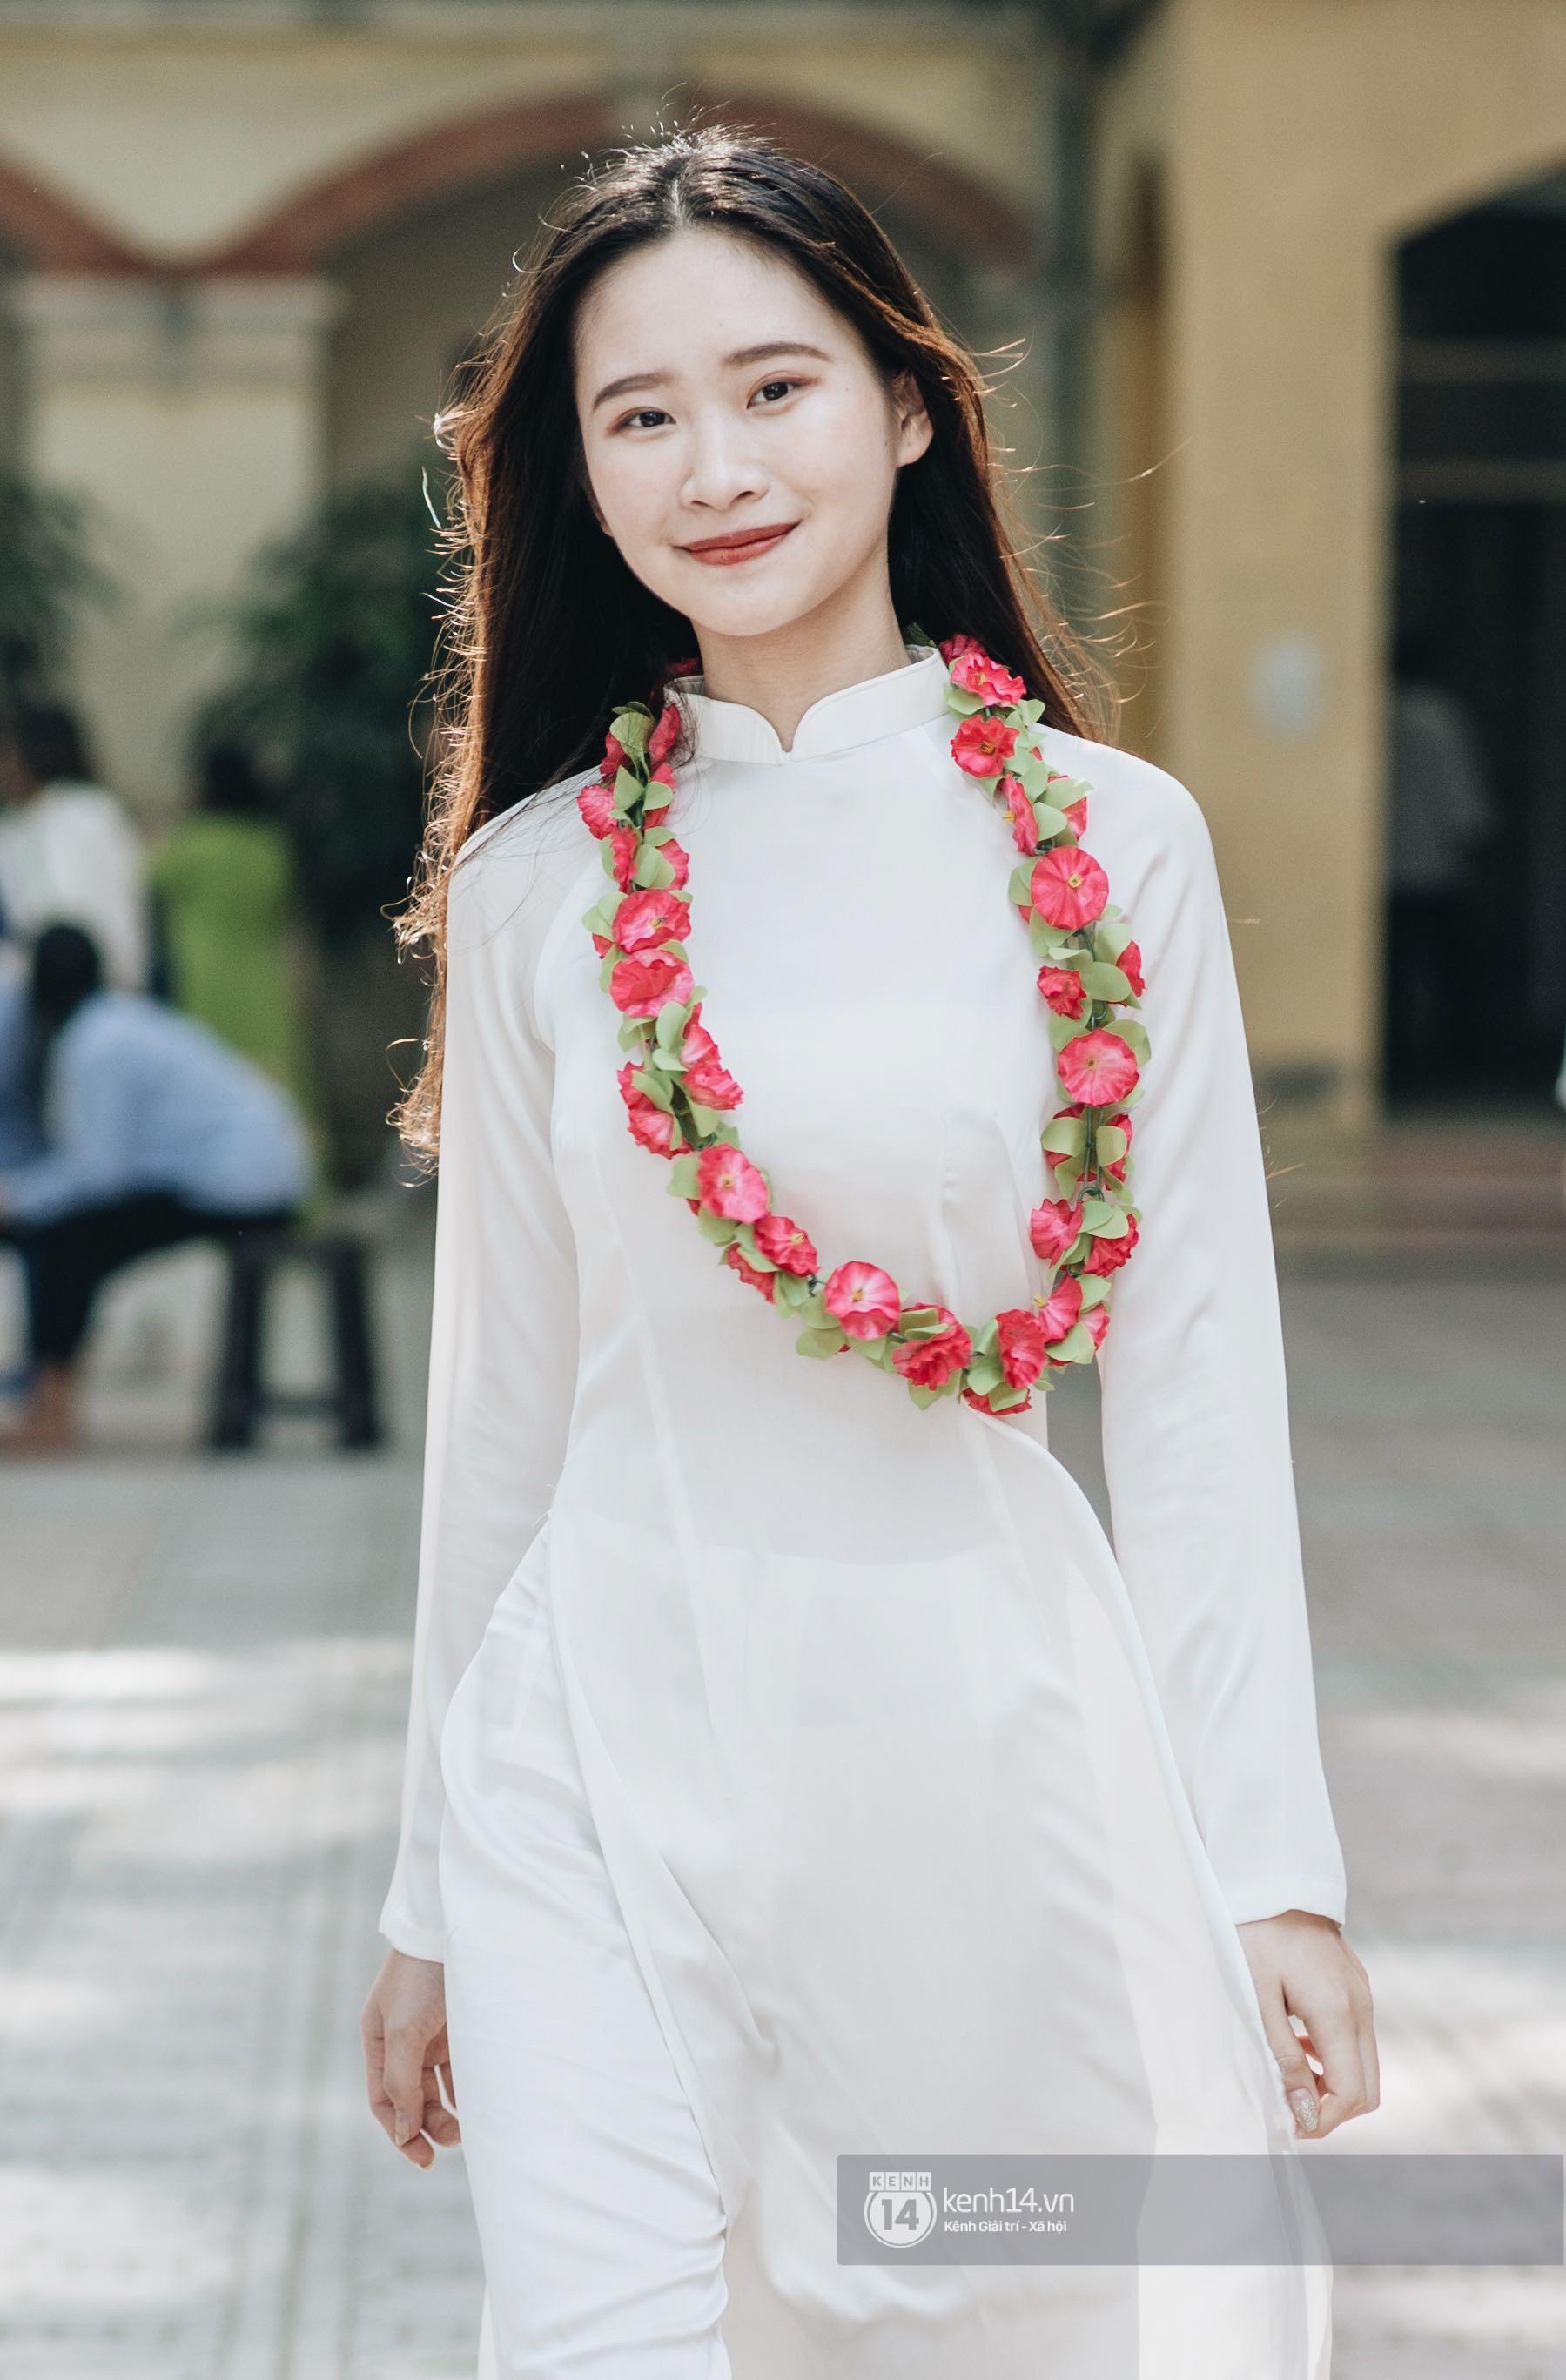 Ngắm những nữ sinh mặc áo dài trắng đẹp tinh khôi trong lễ khai giảng khiến dân mạng mê mẩn - Ảnh 5